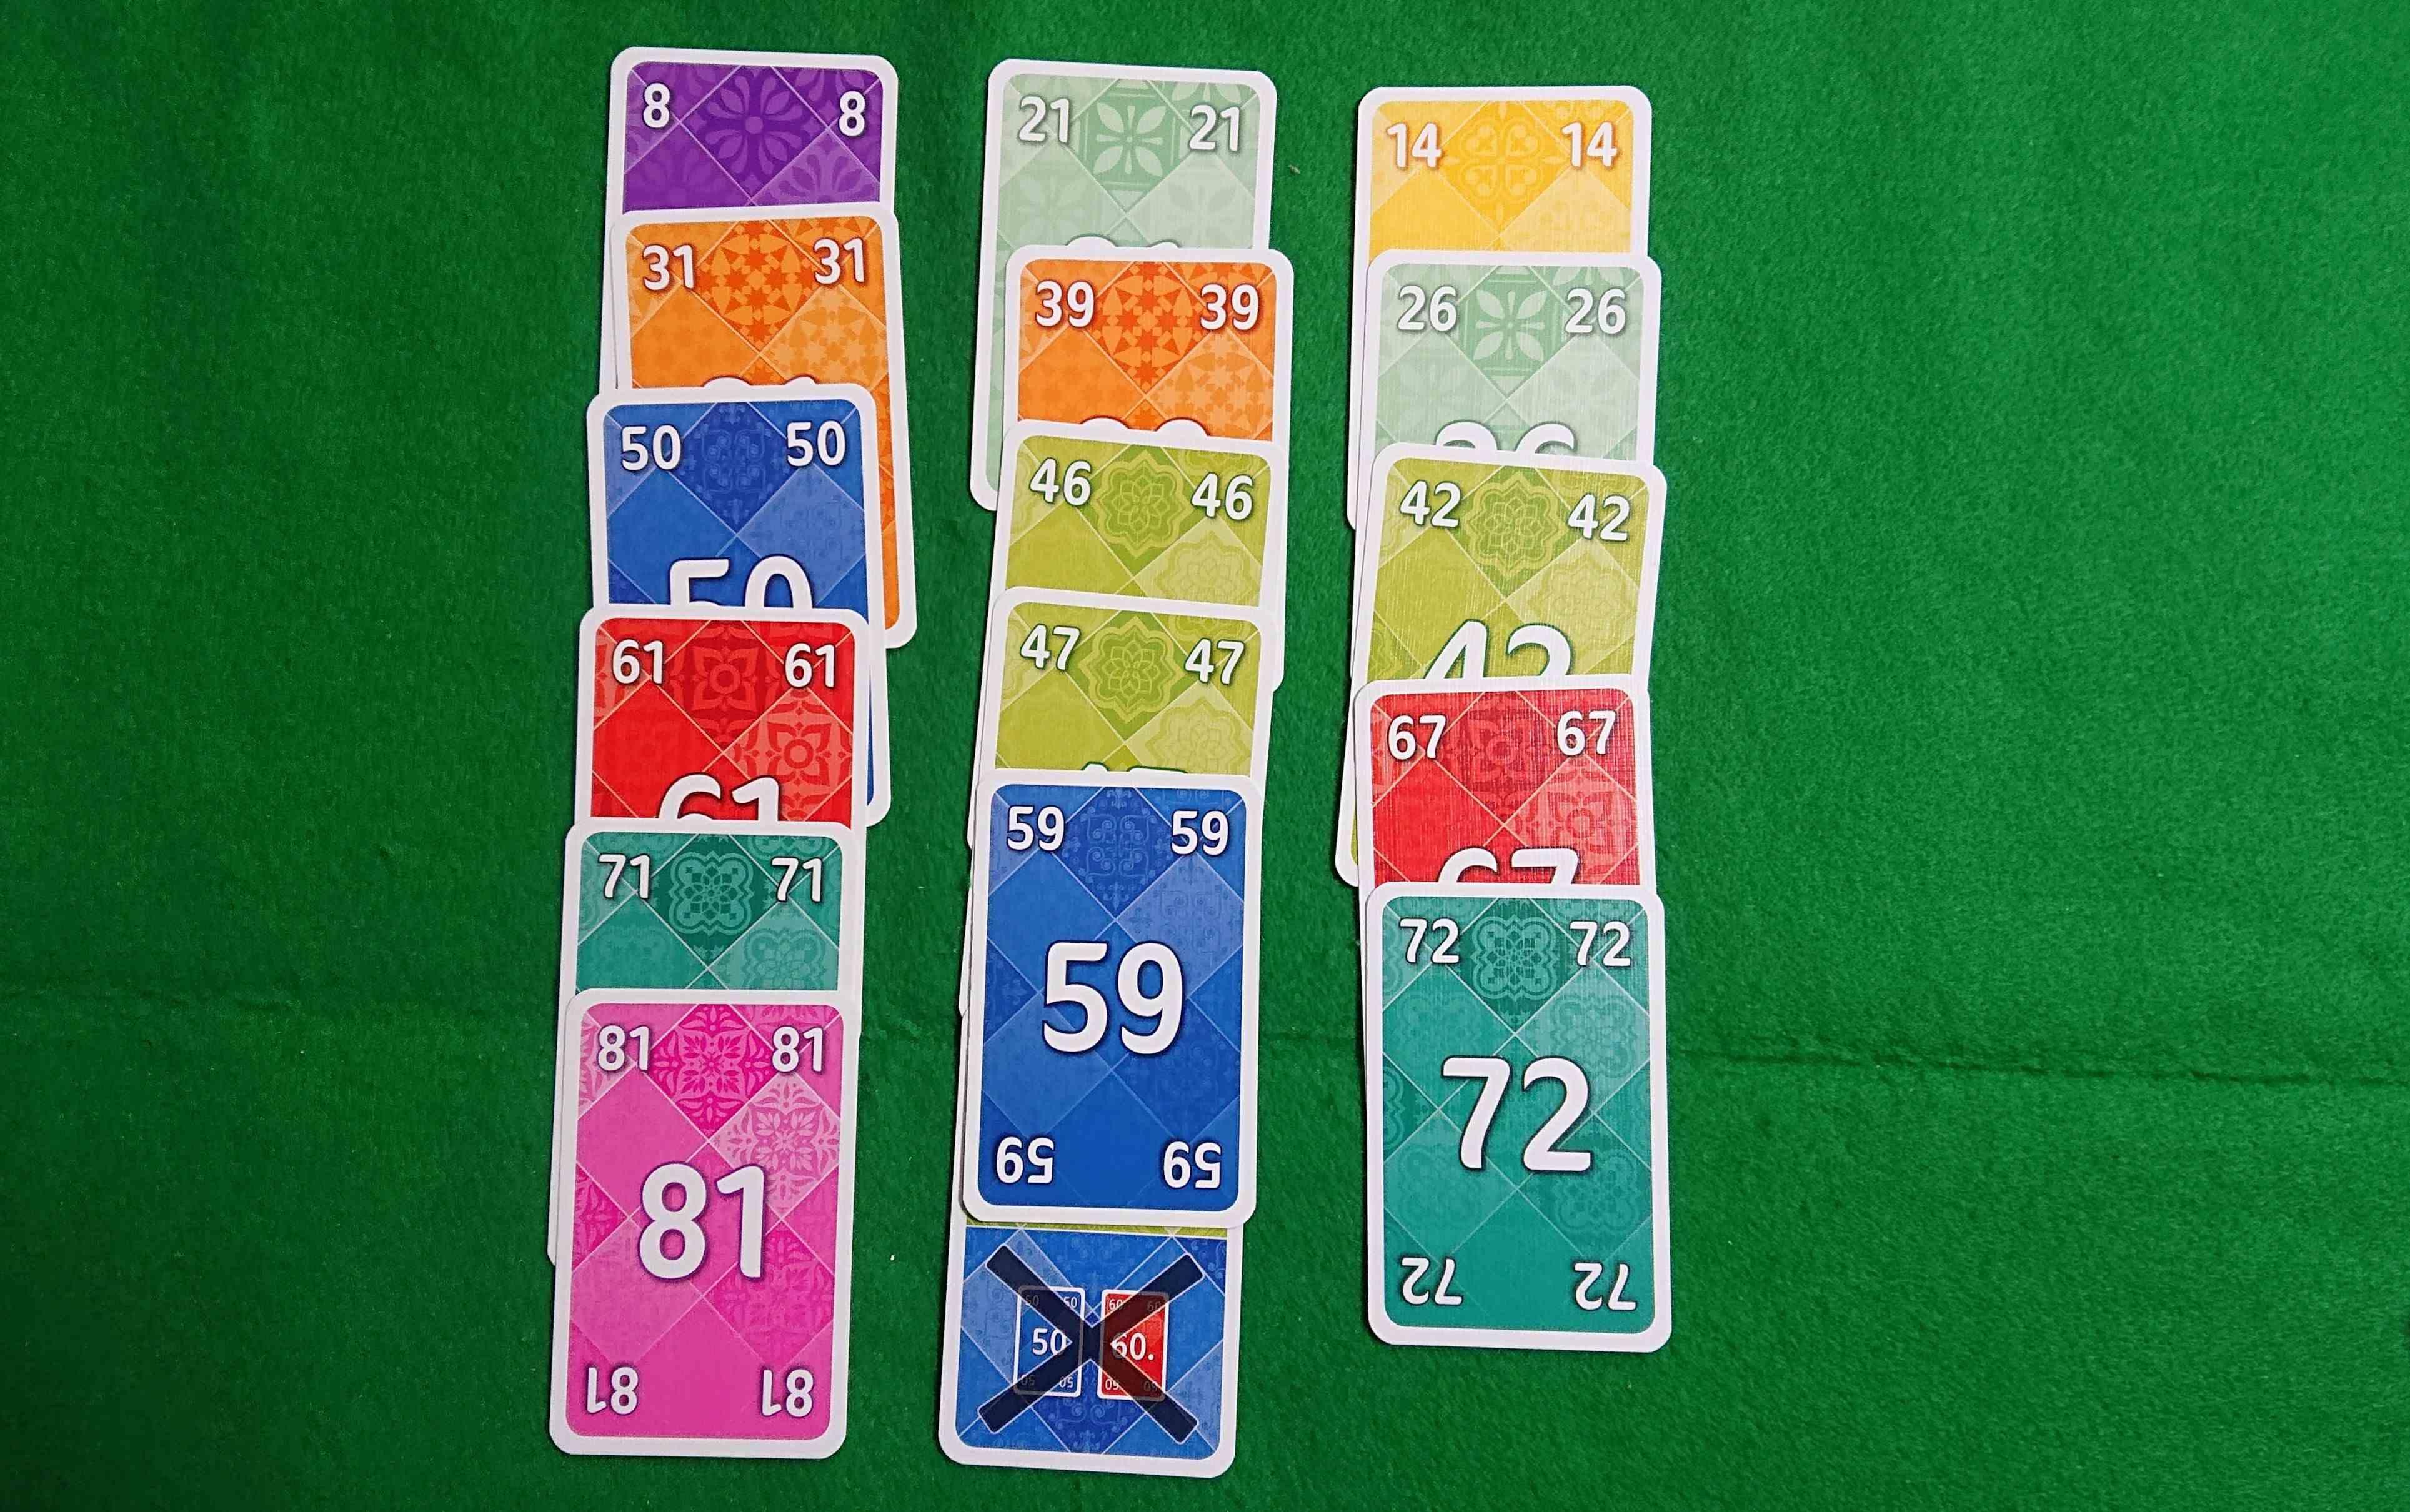 3×8(スリーバイエイト)早く3列を作るカードゲーム 邪魔も出来ます! ボードゲーム